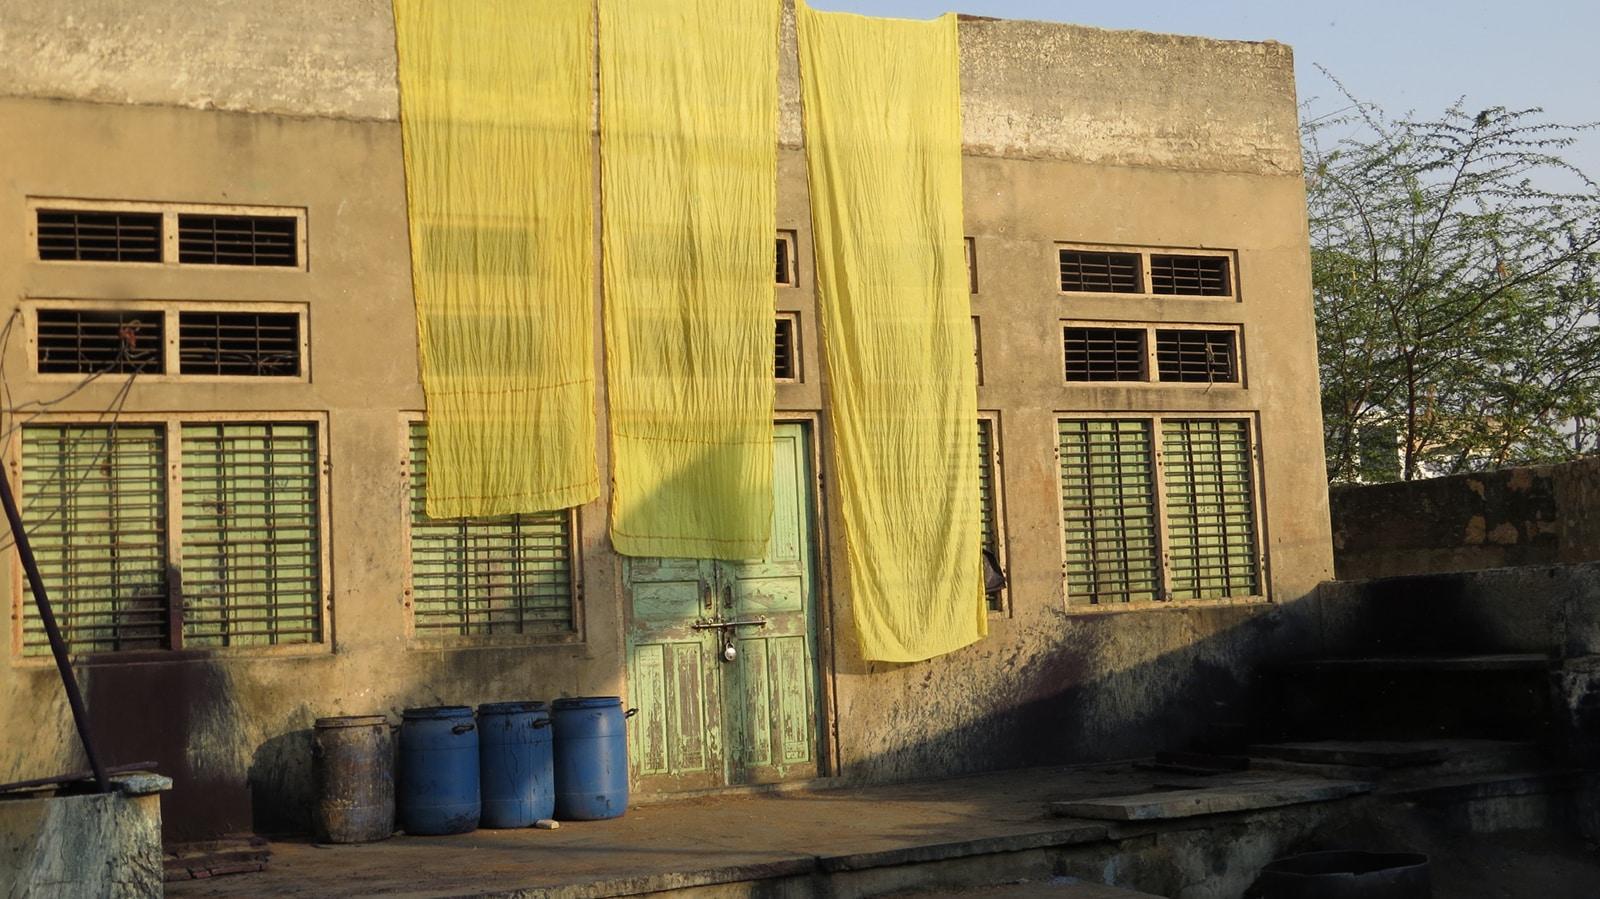 Pilgrimage-Spaces-India-Fabric